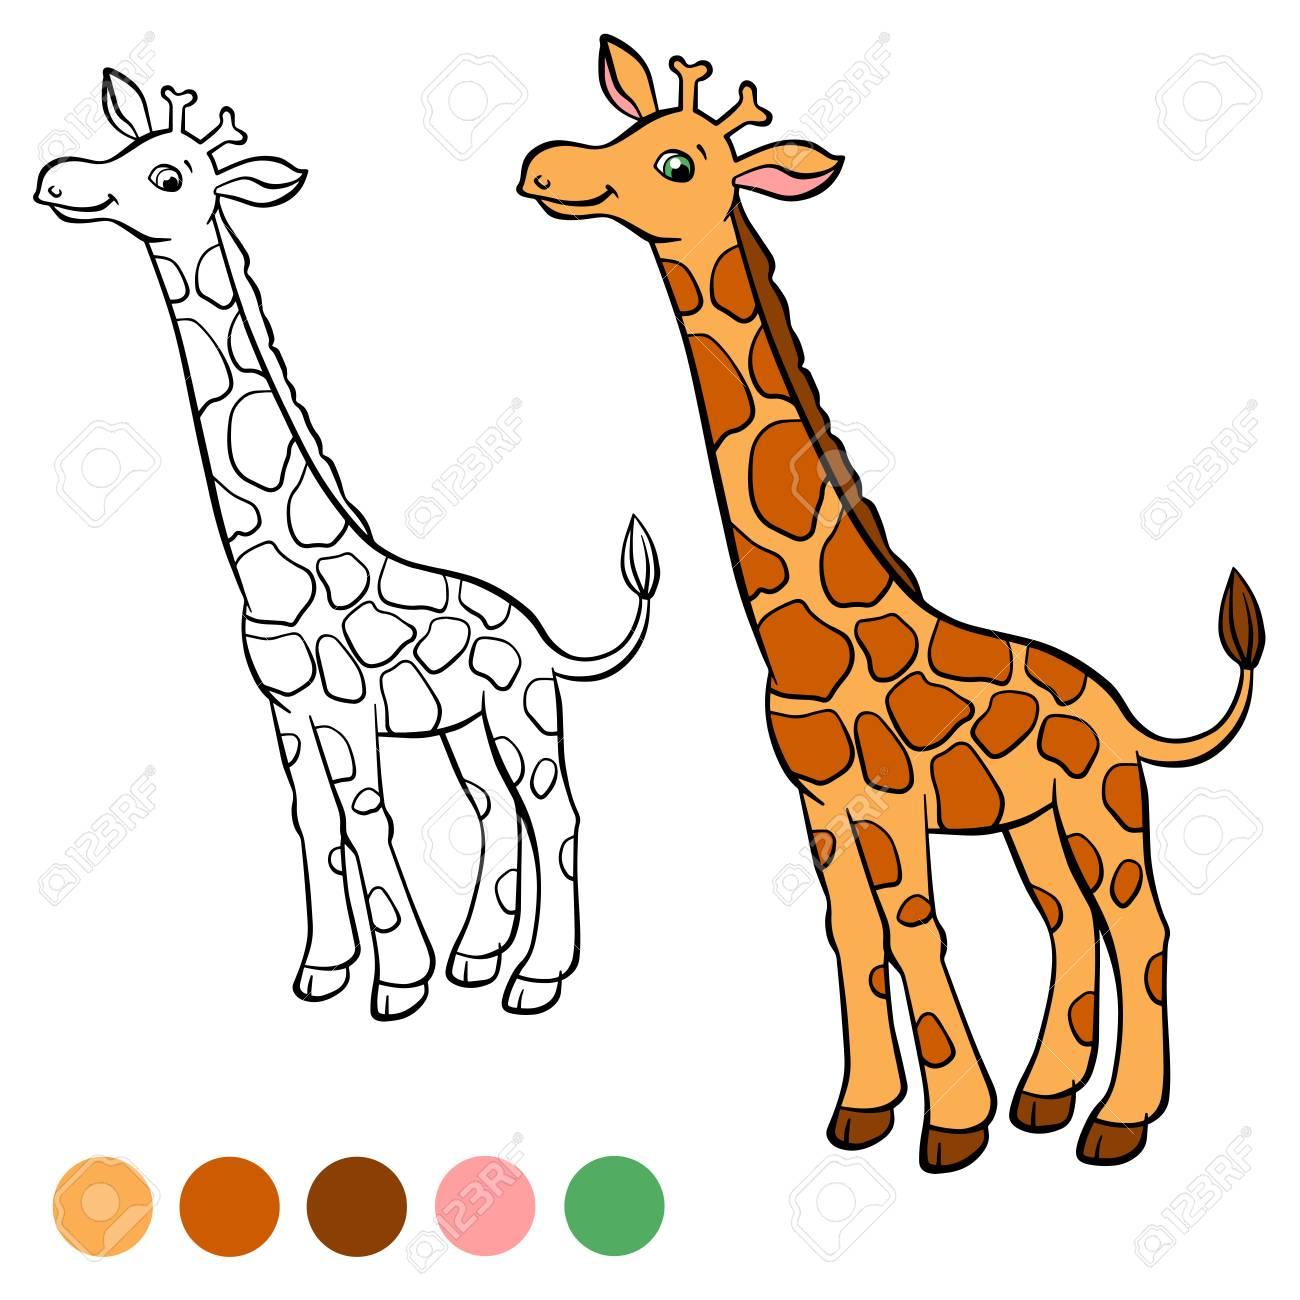 Dibujo Para Colorear Color Me Castor Pequeña Jirafa Linda Se Coloca Y Sonríe